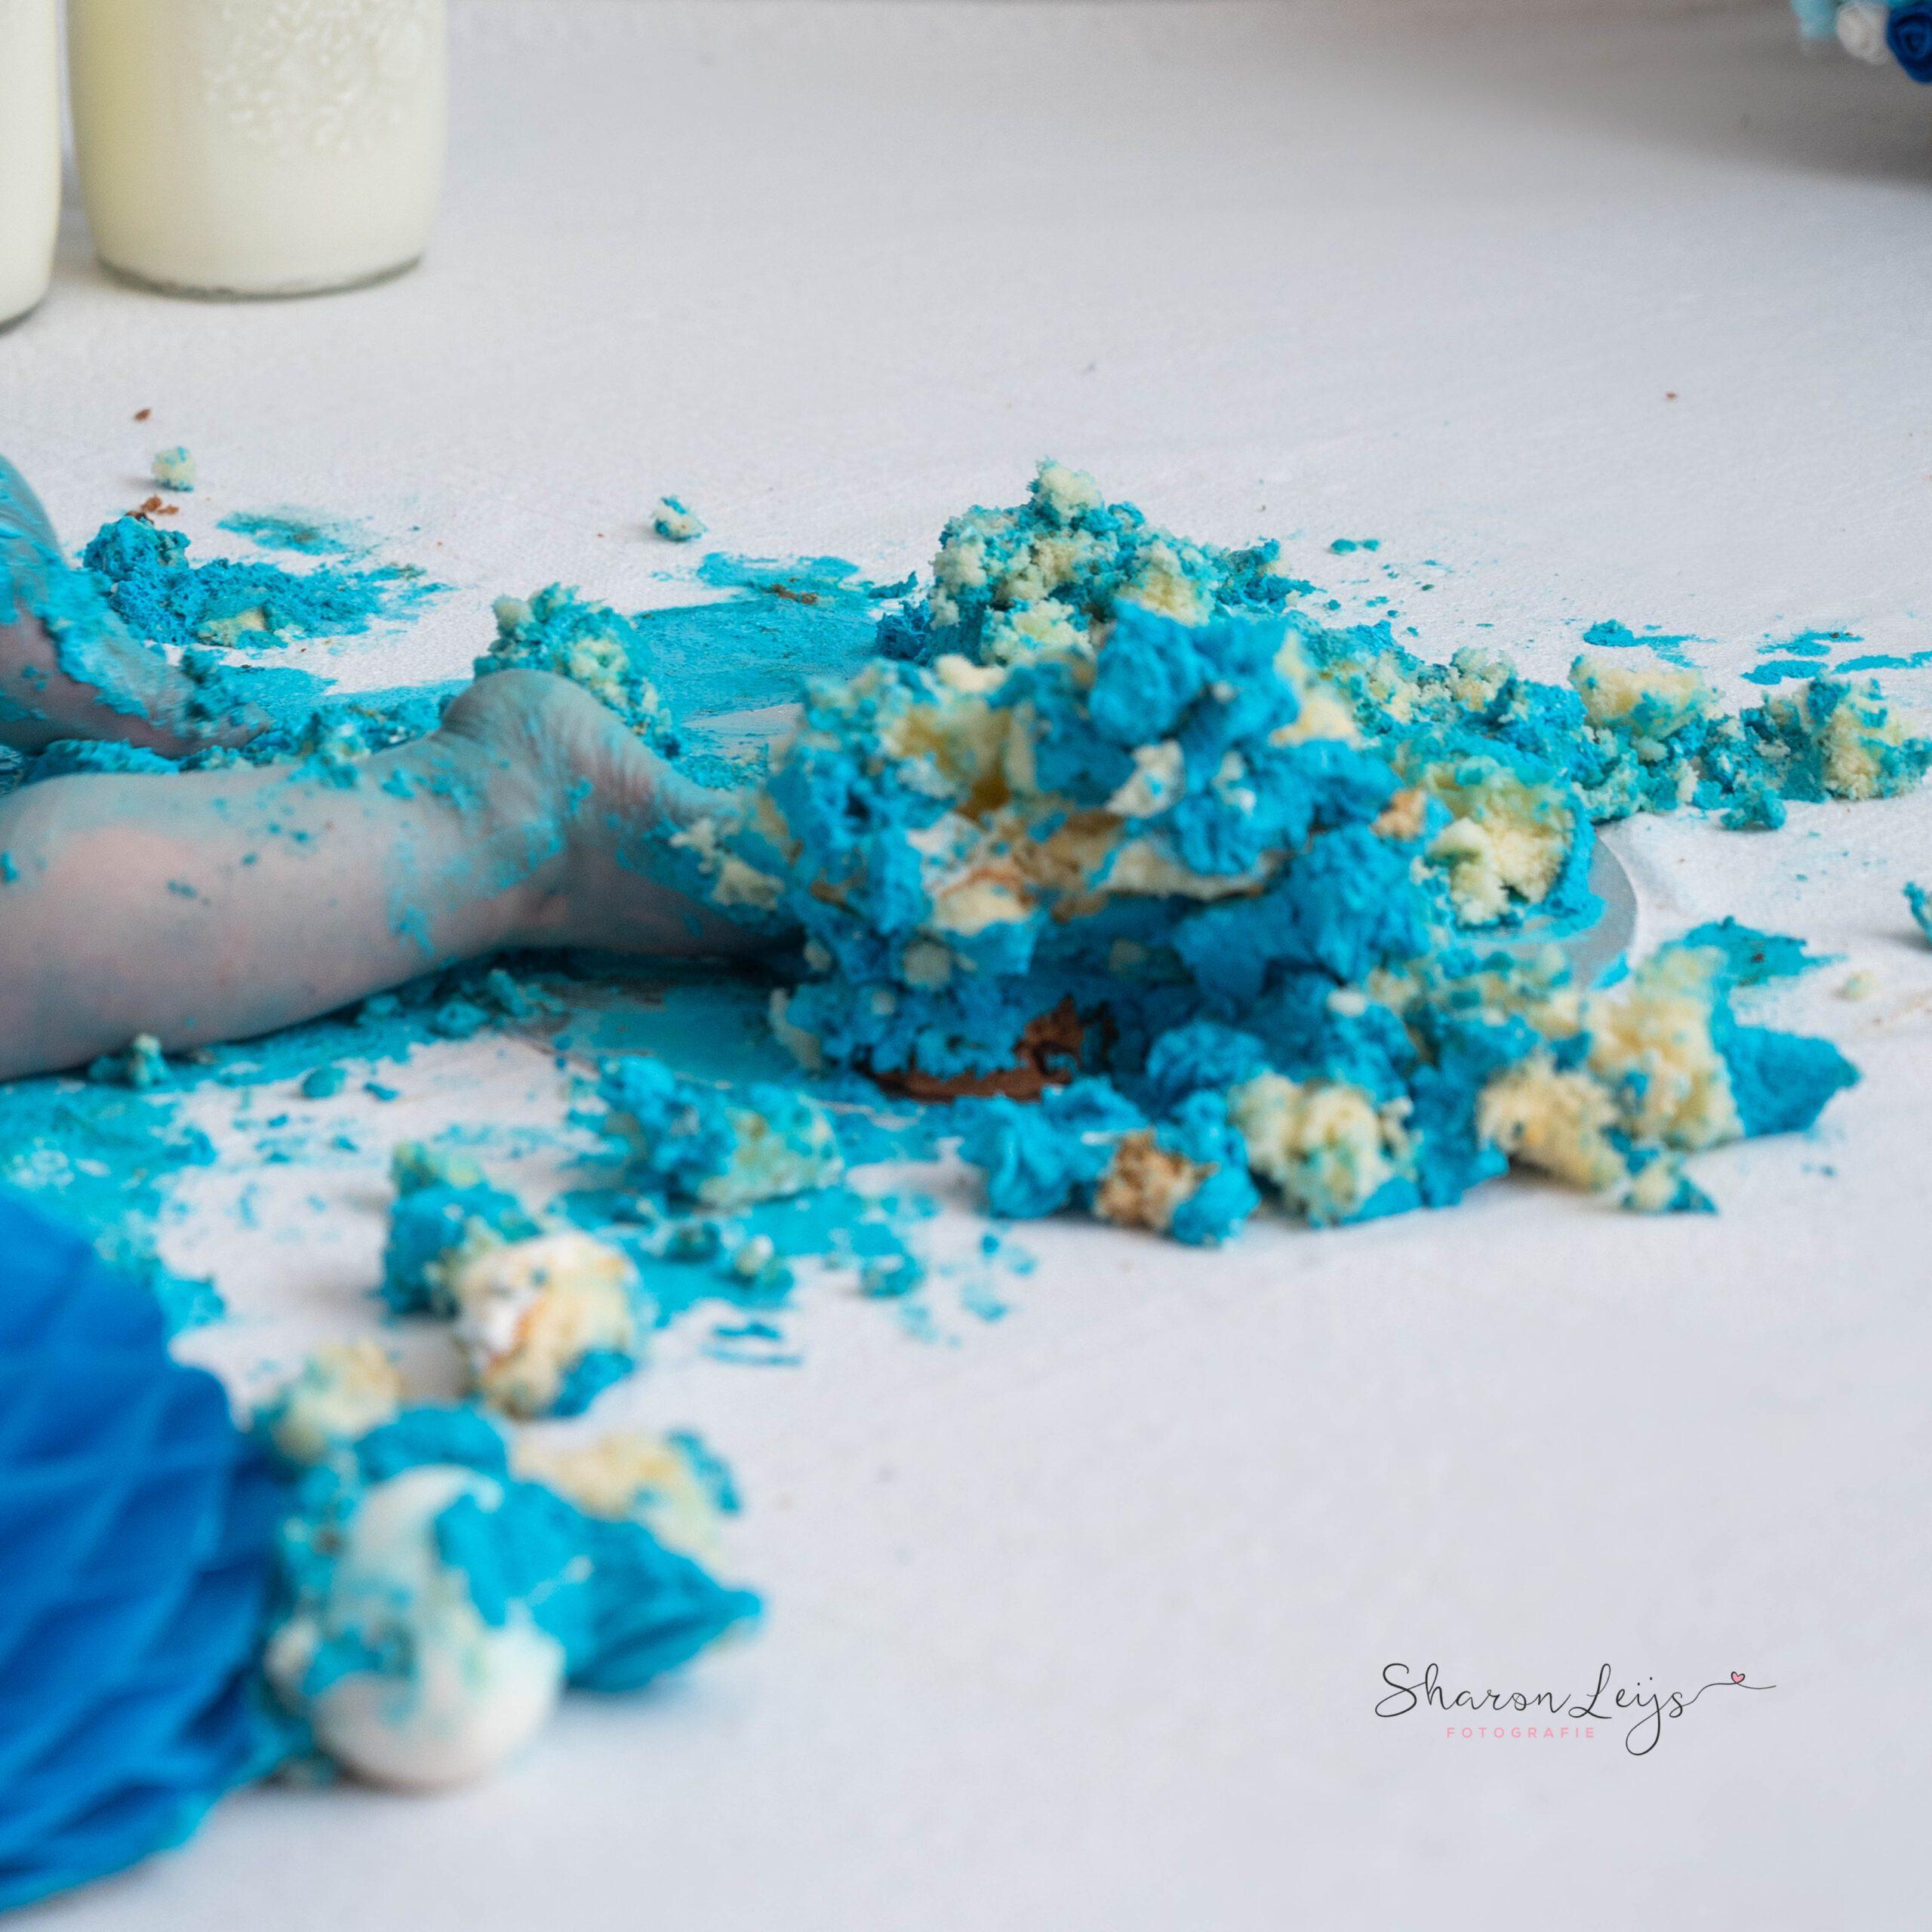 Sharon Leijs Fotografie cakesmash cookiemonster Dordrecht Rotterdam Hoekschewaard Drechtsteden Zuid-Holland 5